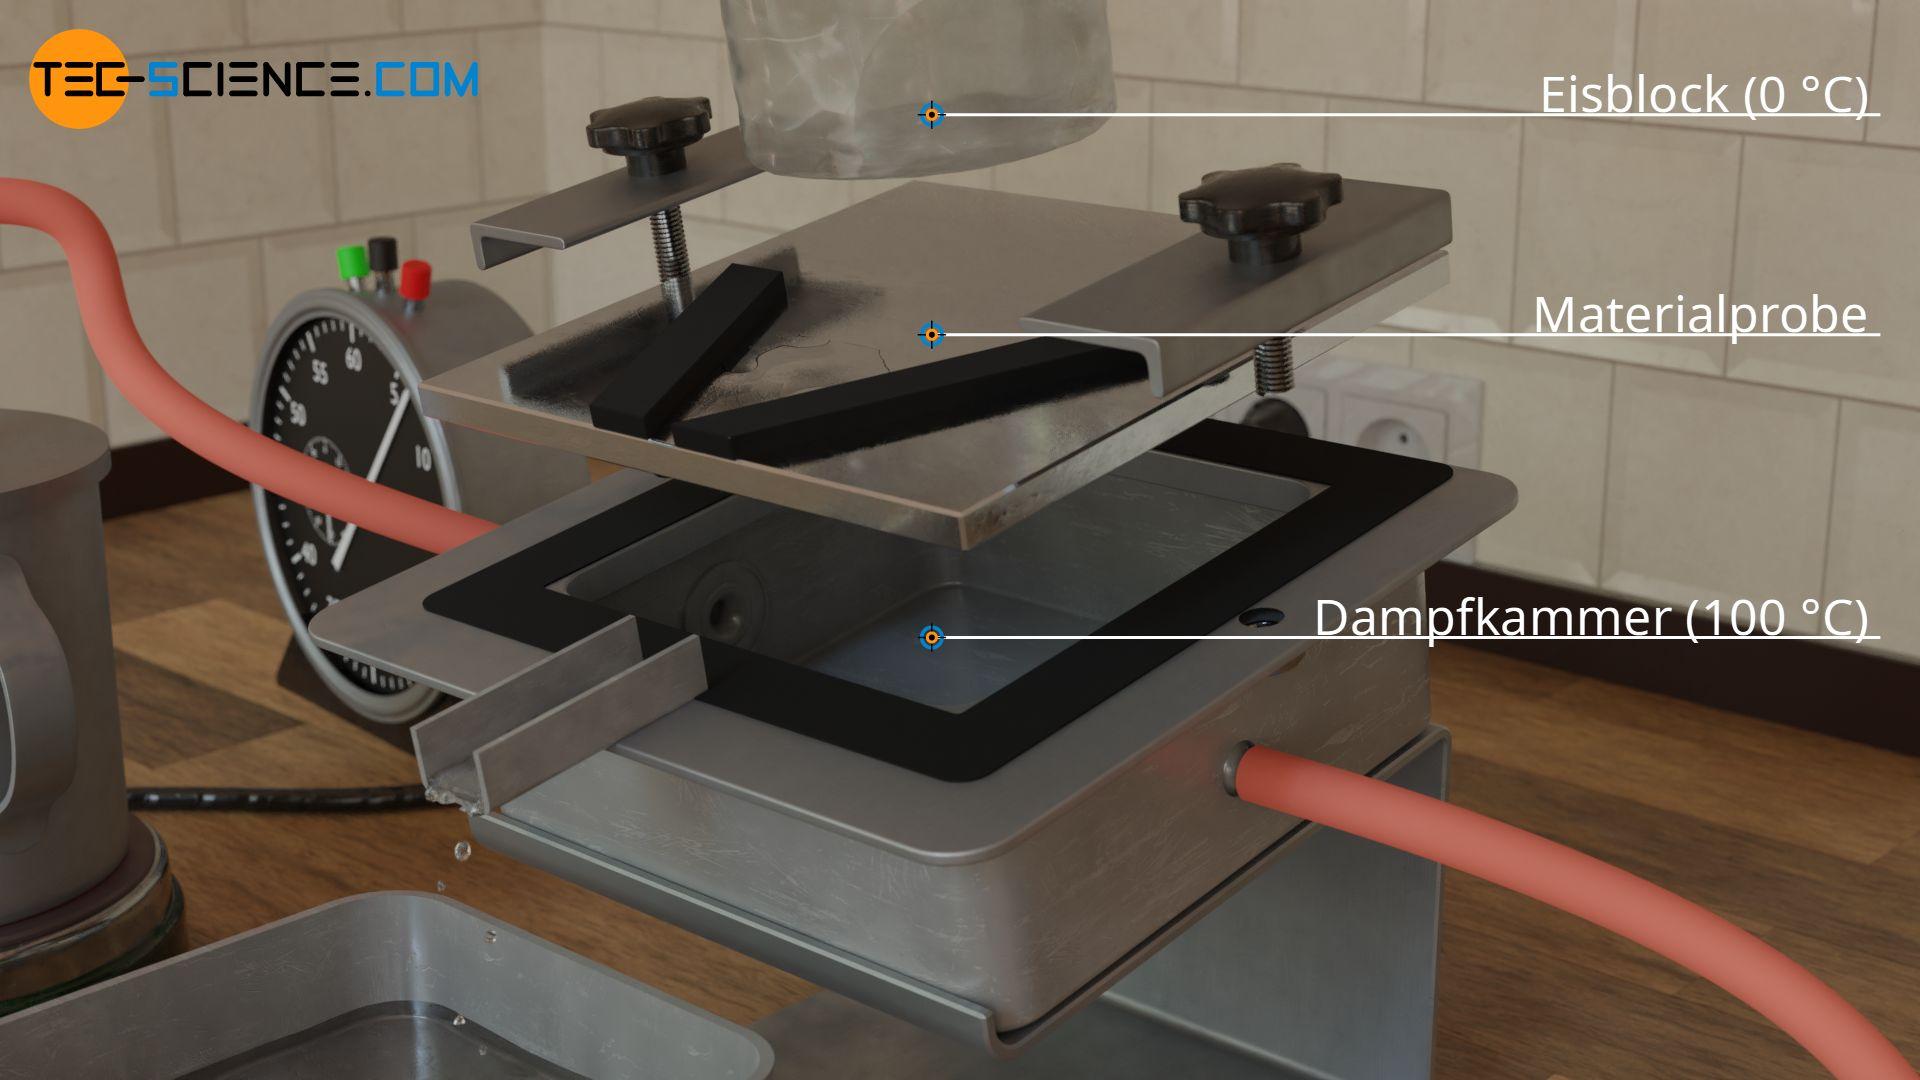 Versuchsaufbau zur experimentellen Bestimmung der Wärmeleitfähigkeit mit Dampfkammer und Eisblock